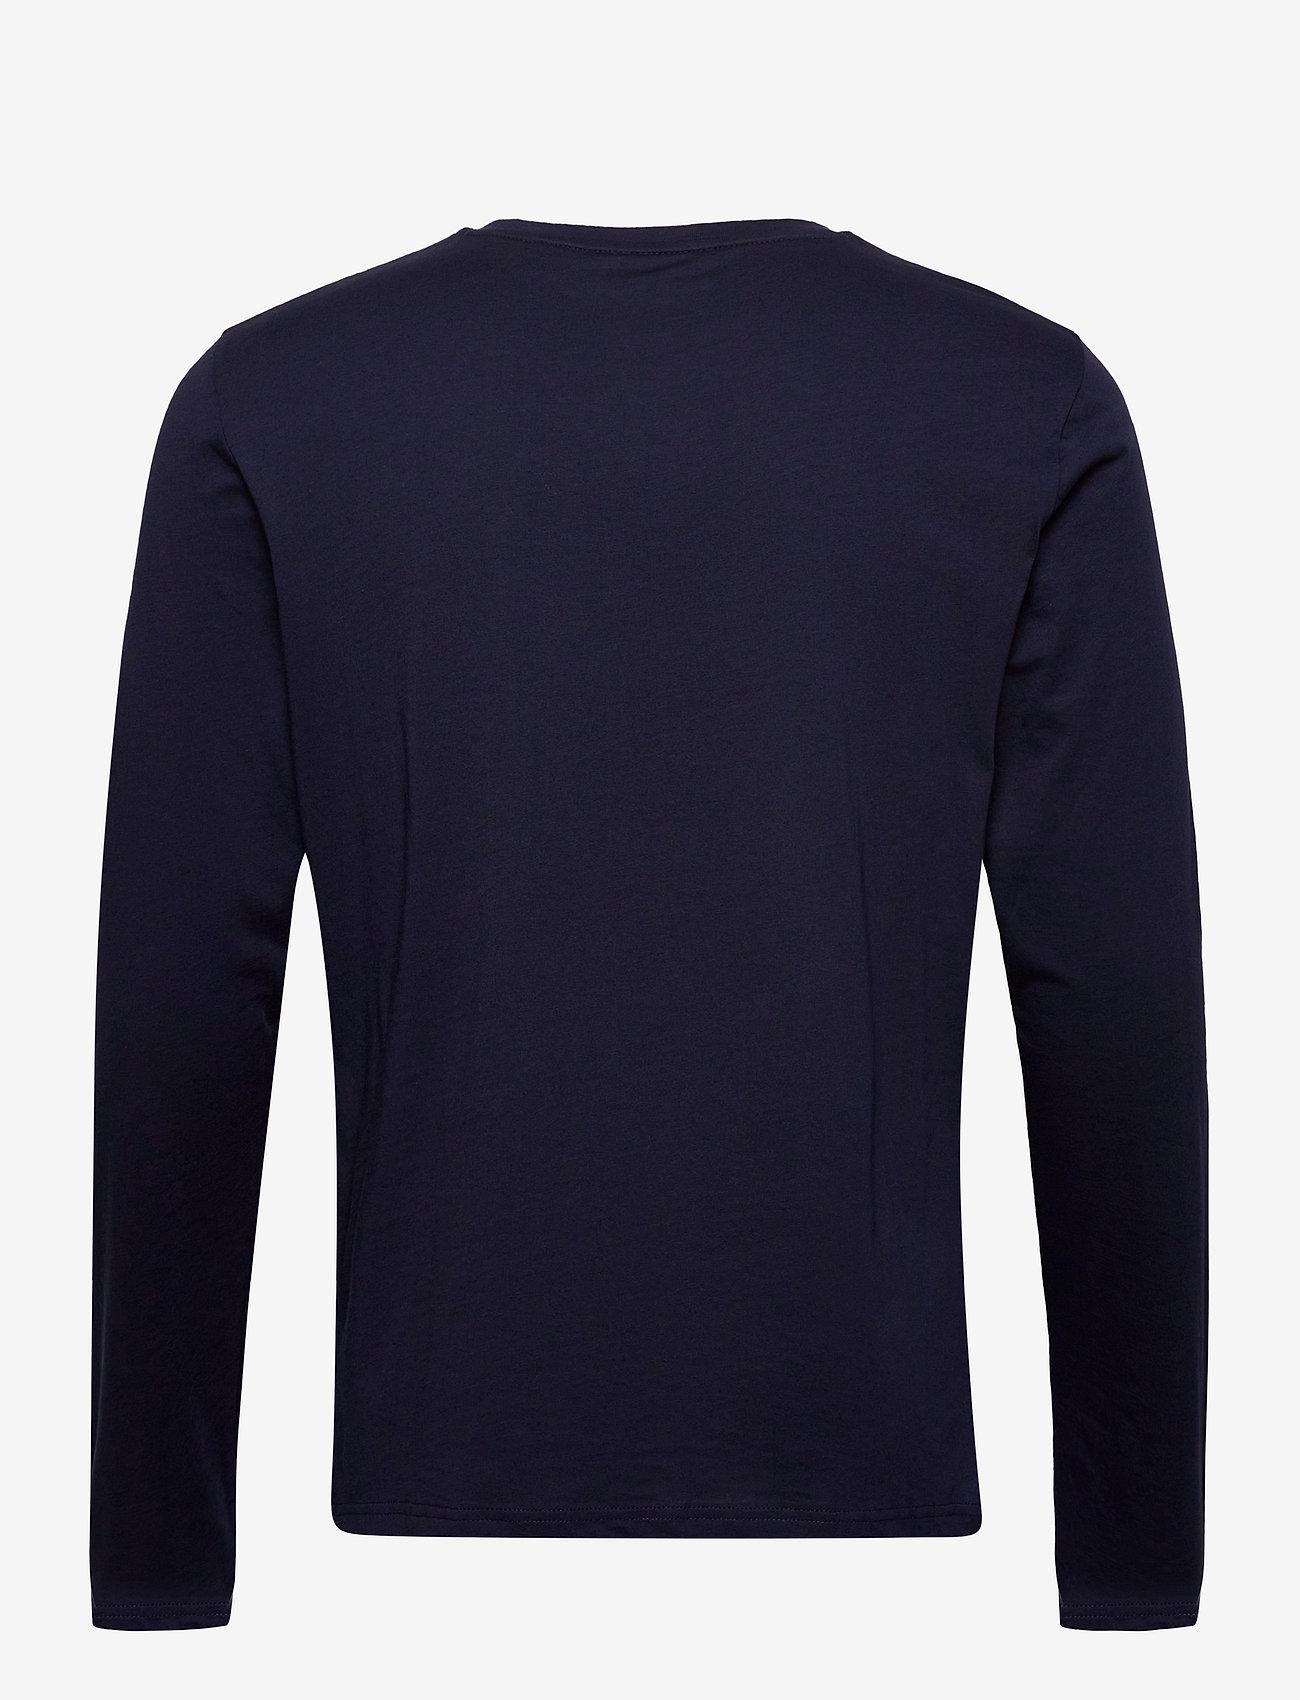 GANT GANT LOCK UP LS T-SHIRT - T-skjorter EVENING BLUE - Menn Klær